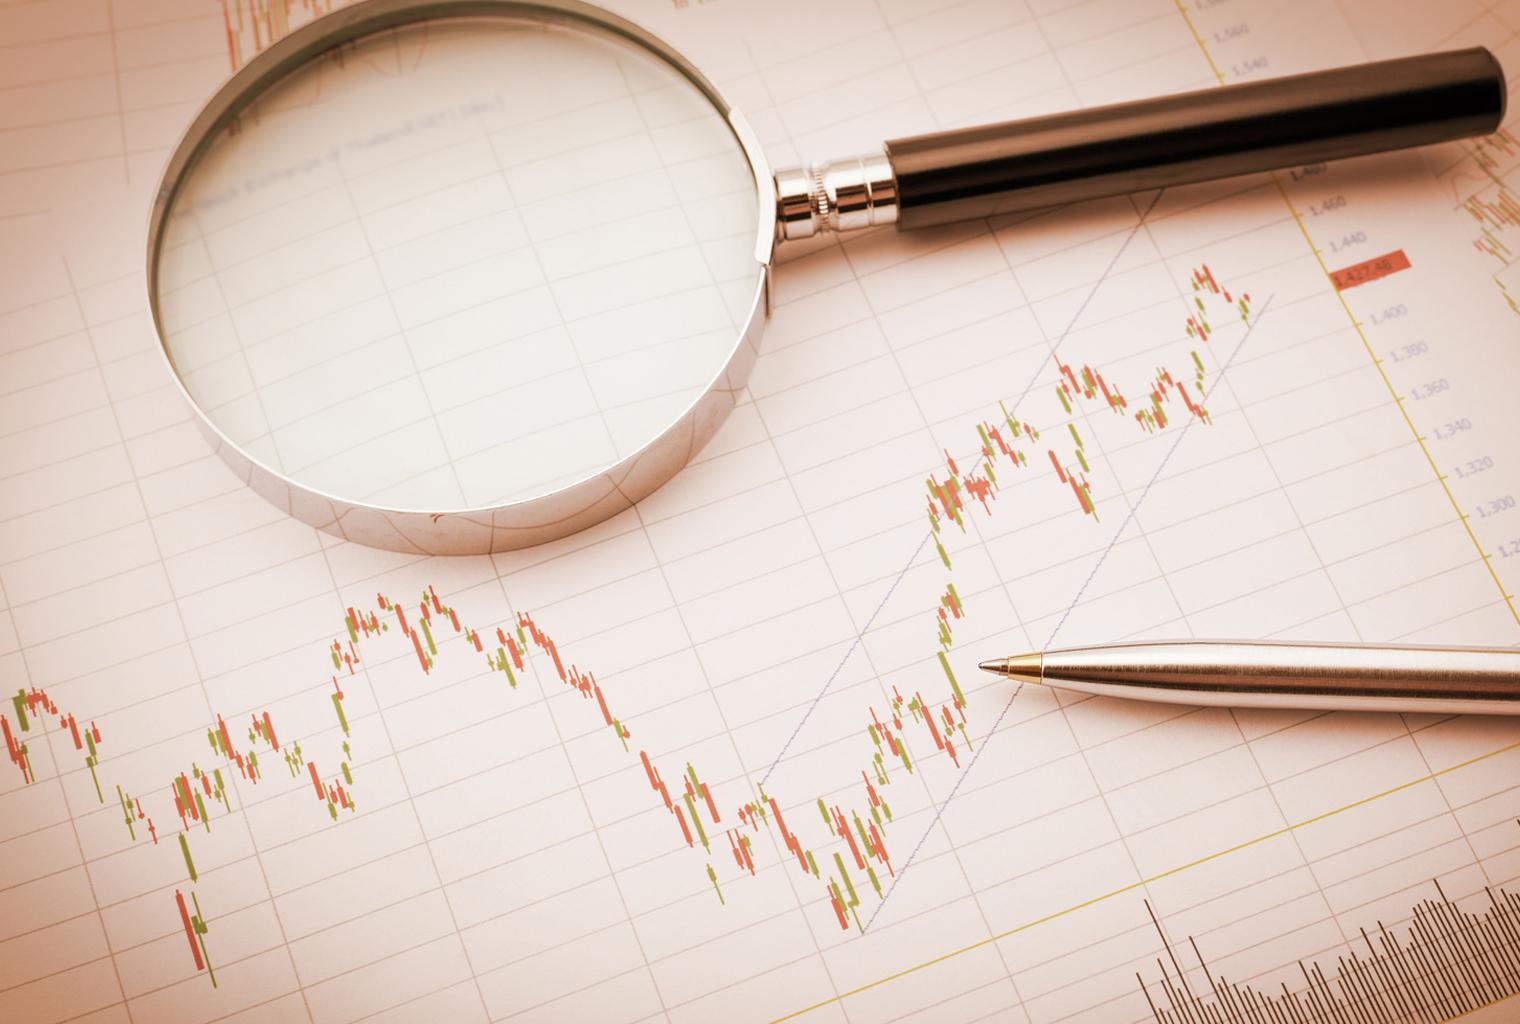 Actualización del mercado: la incertidumbre ataca a los comerciantes de criptomonedas después de una tendencia bajista de una semana